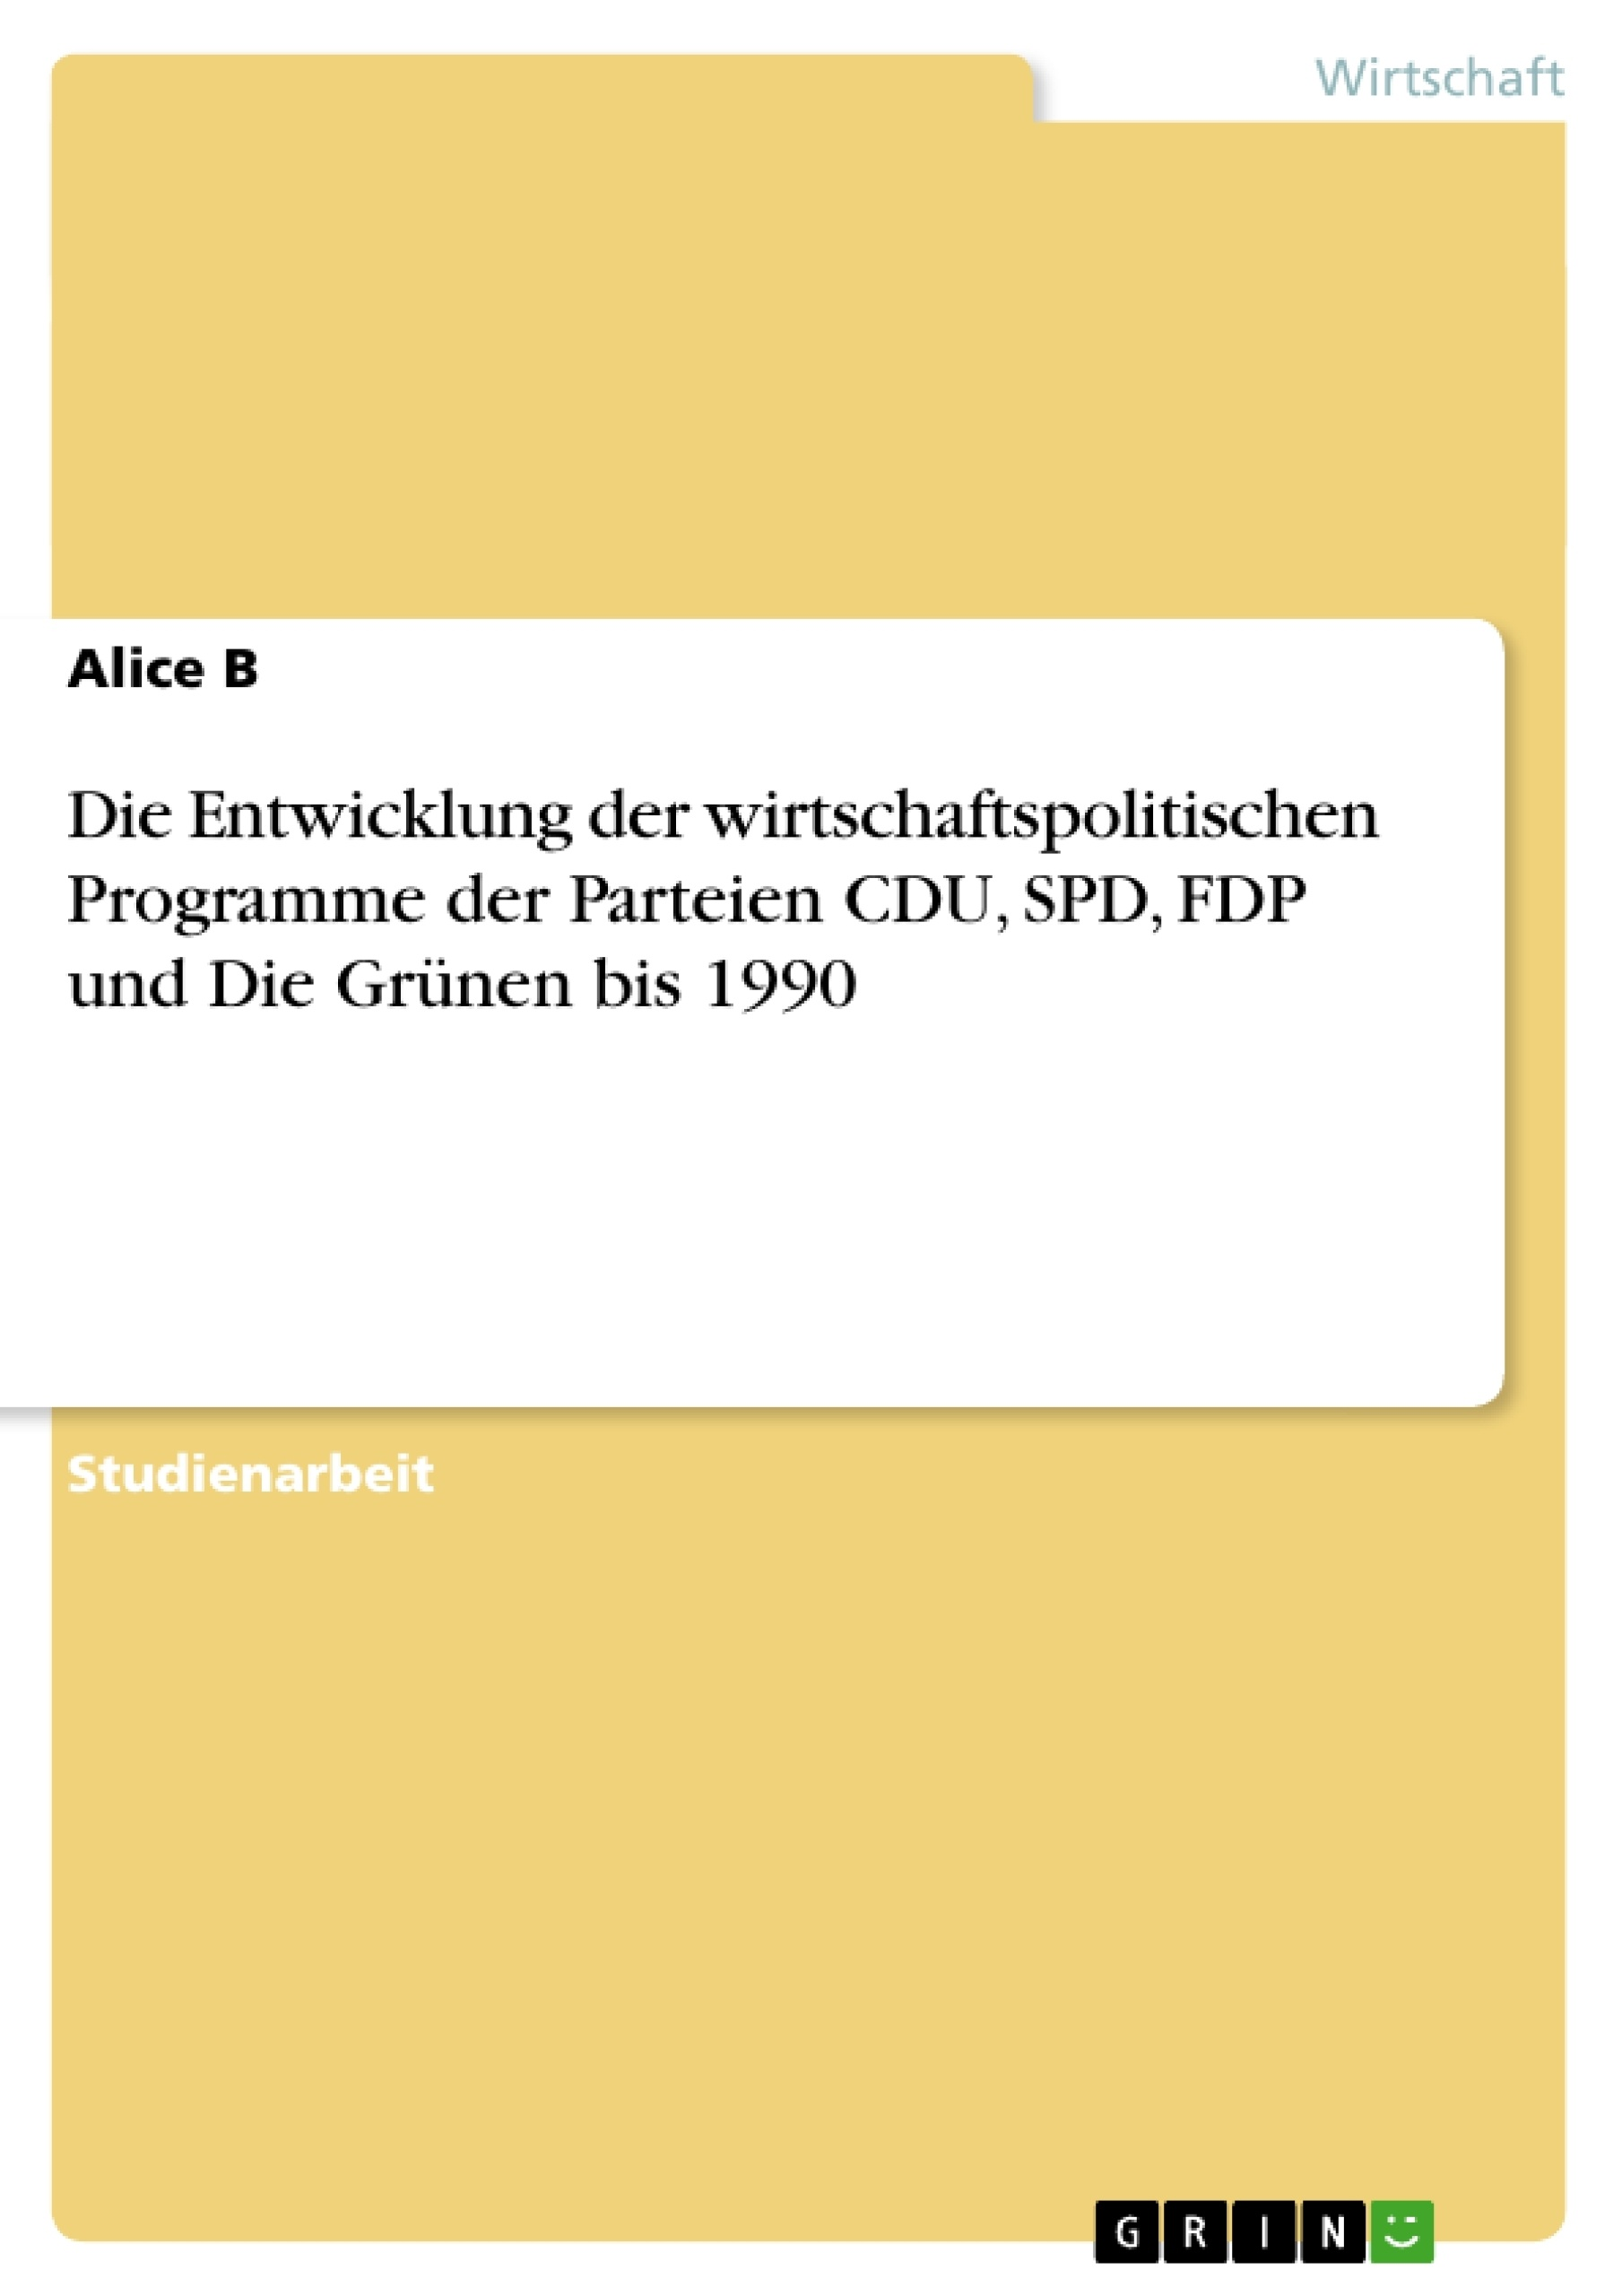 Titel: Die Entwicklung der wirtschaftspolitischen Programme der Parteien CDU, SPD, FDP und Die Grünen bis 1990